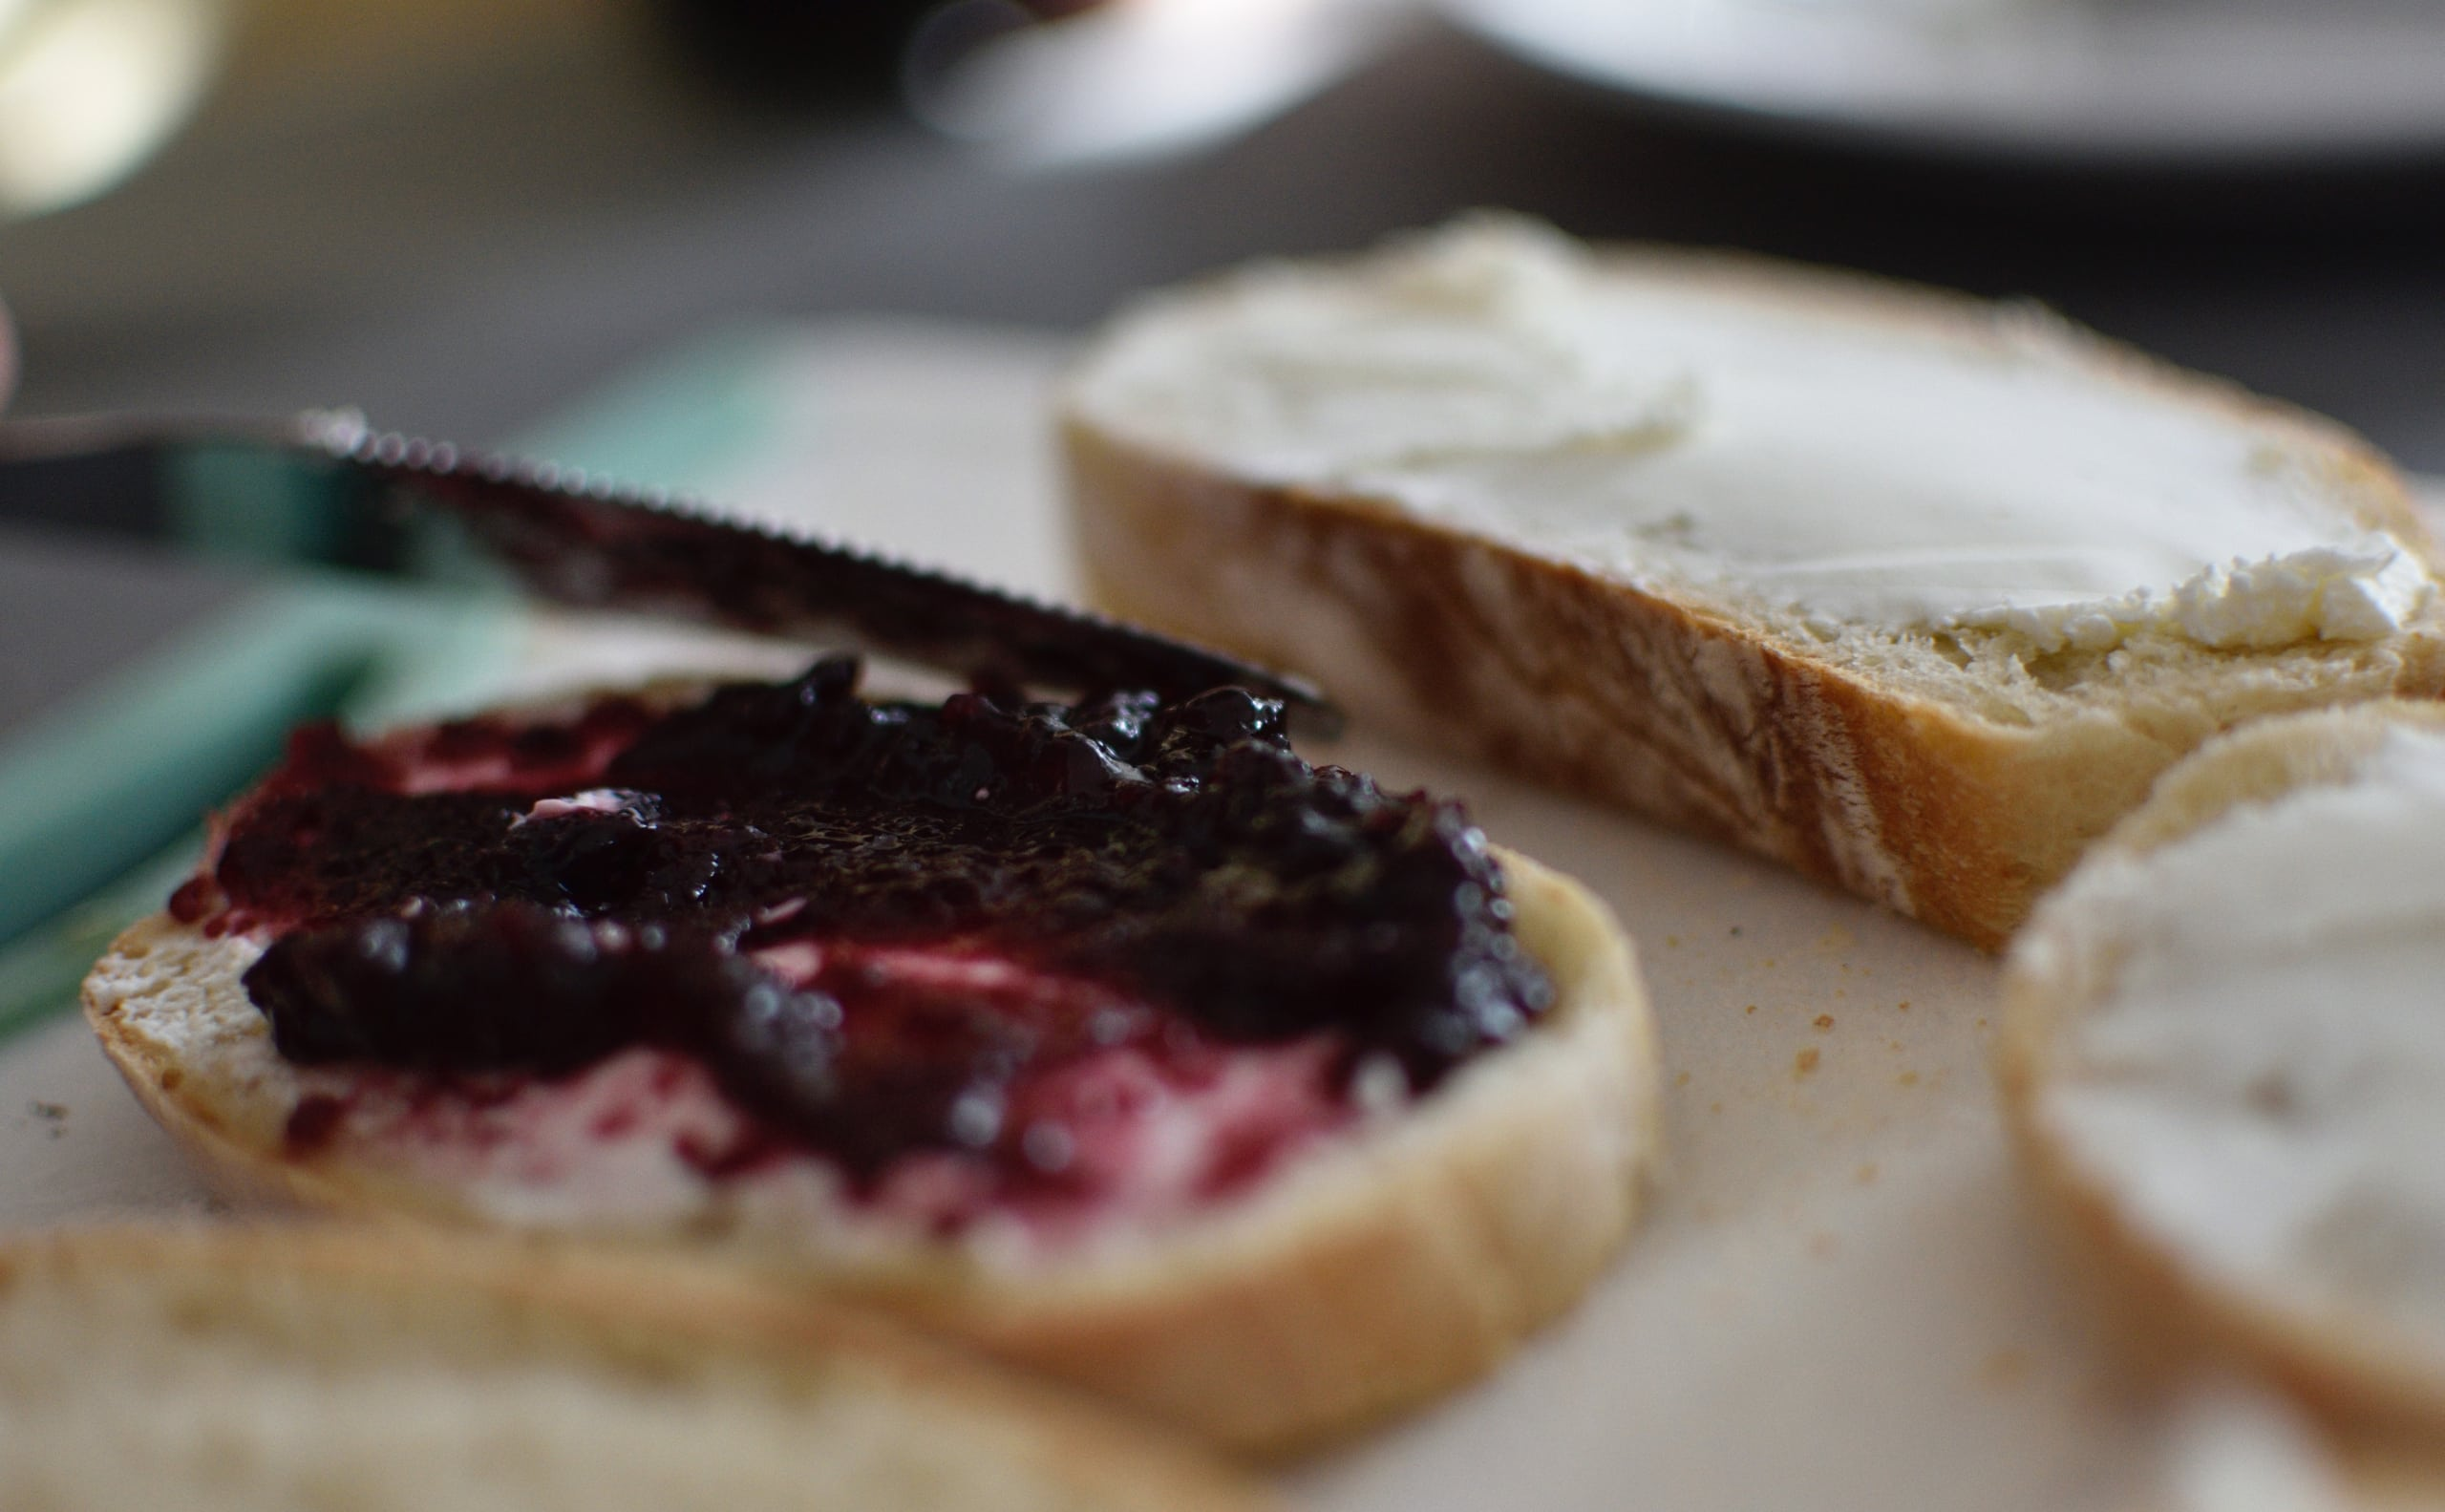 Köstliche Konfitüren - Marmeladen von Vrtlari kaufen